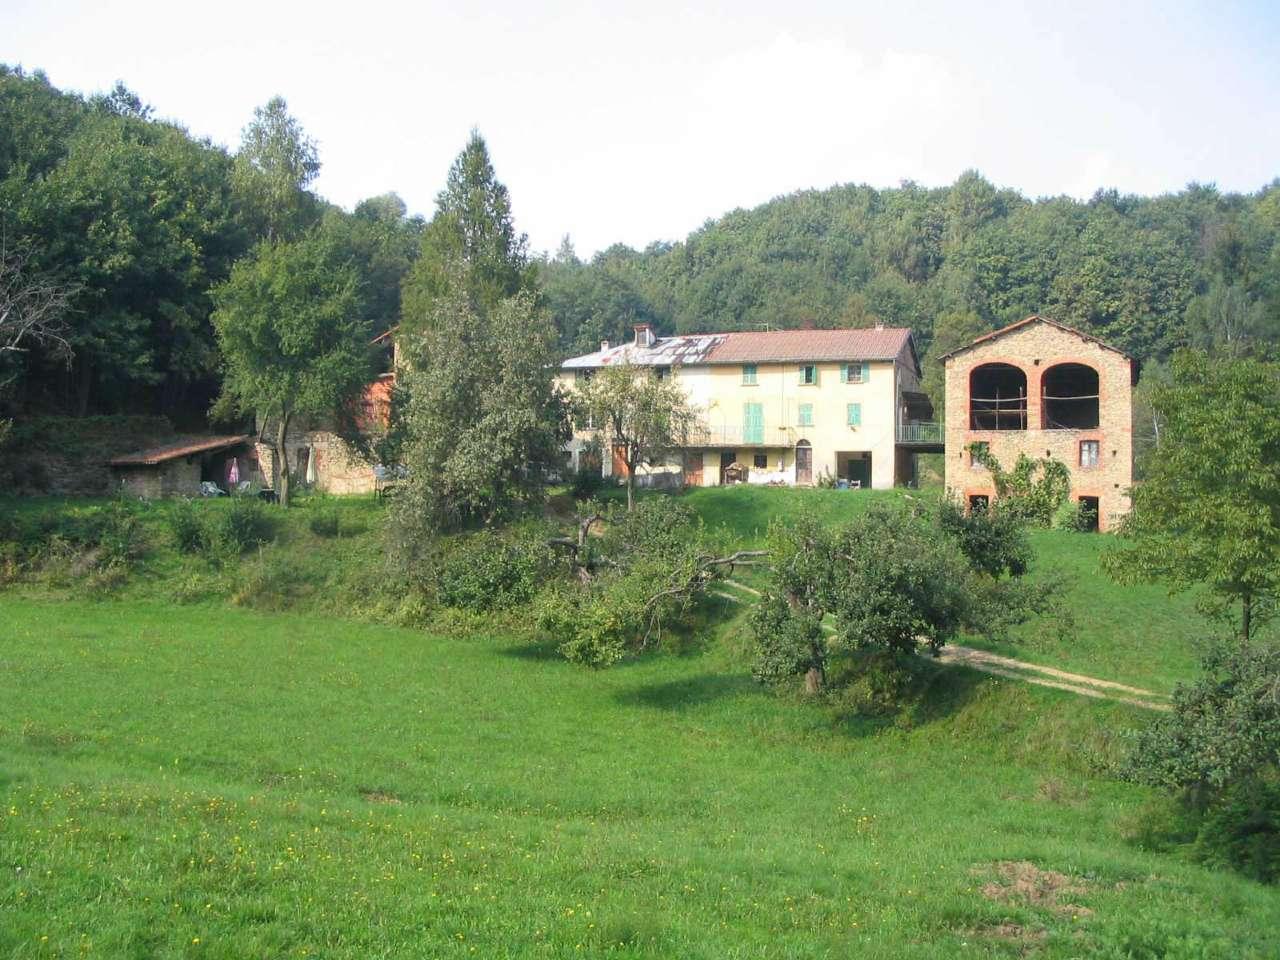 Rustico / Casale in vendita a Priero, 10 locali, prezzo € 180.000 | CambioCasa.it